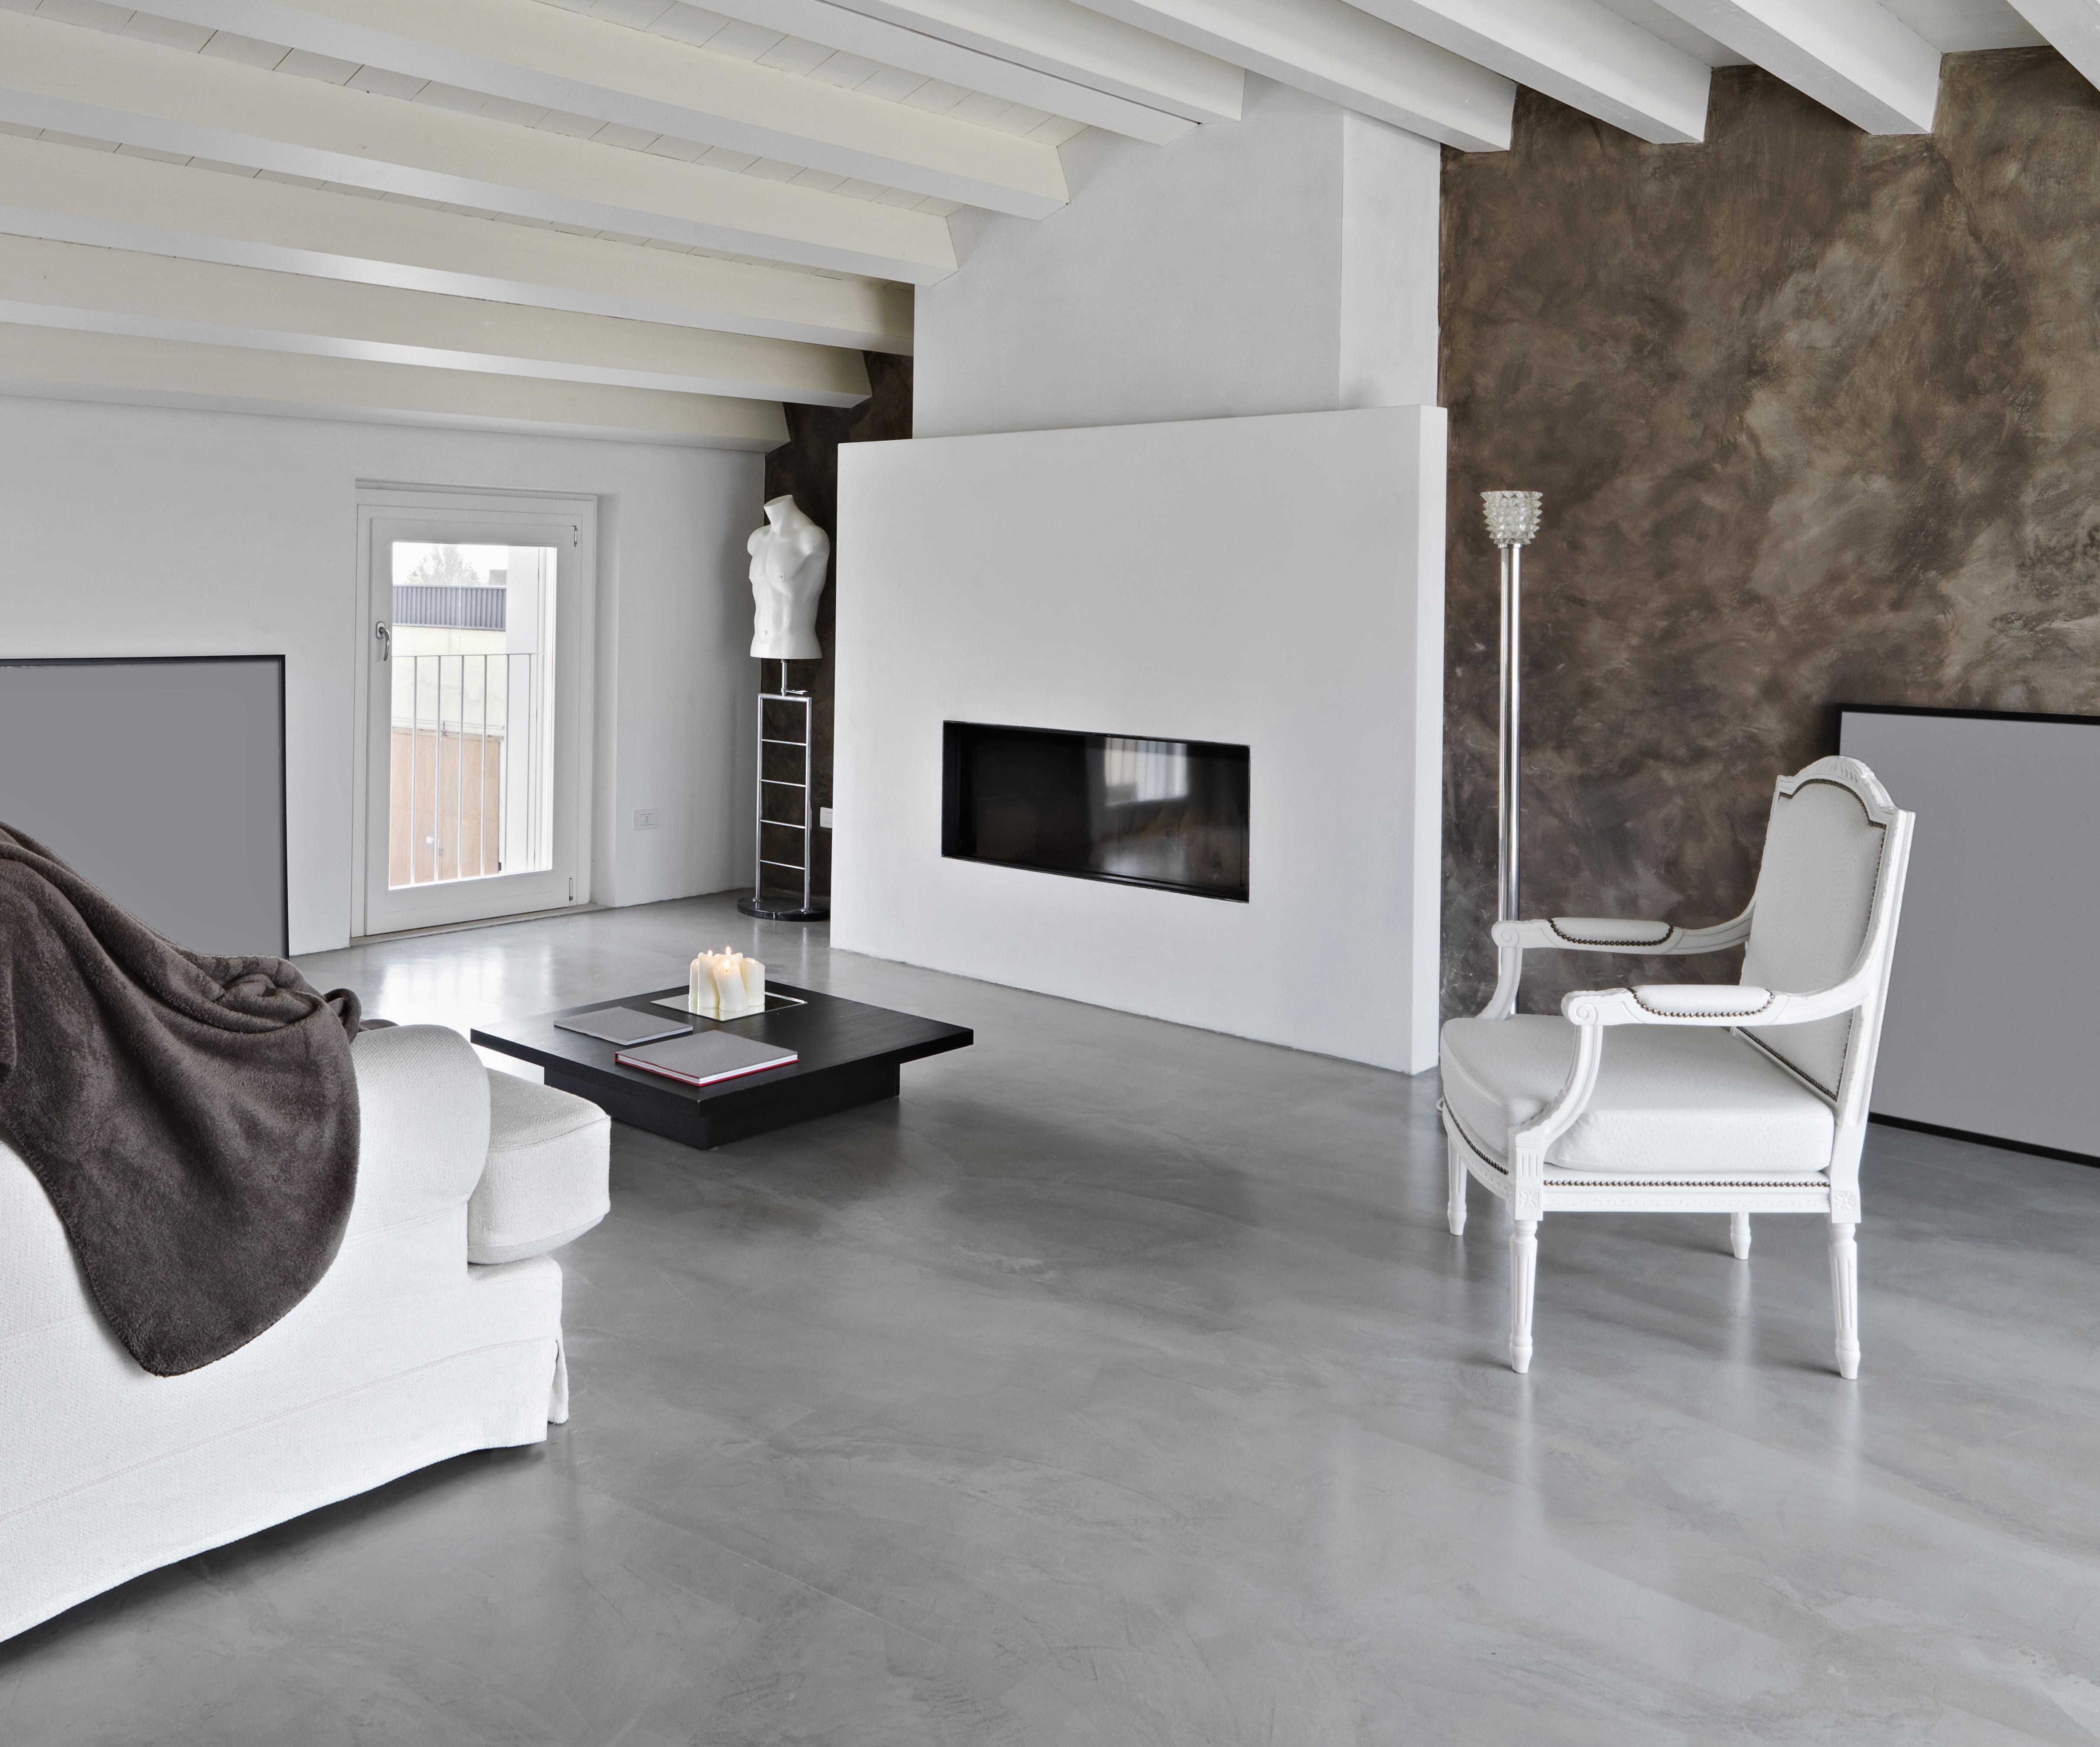 Betoon Look Vloer : Vloer woonkamer leef beton